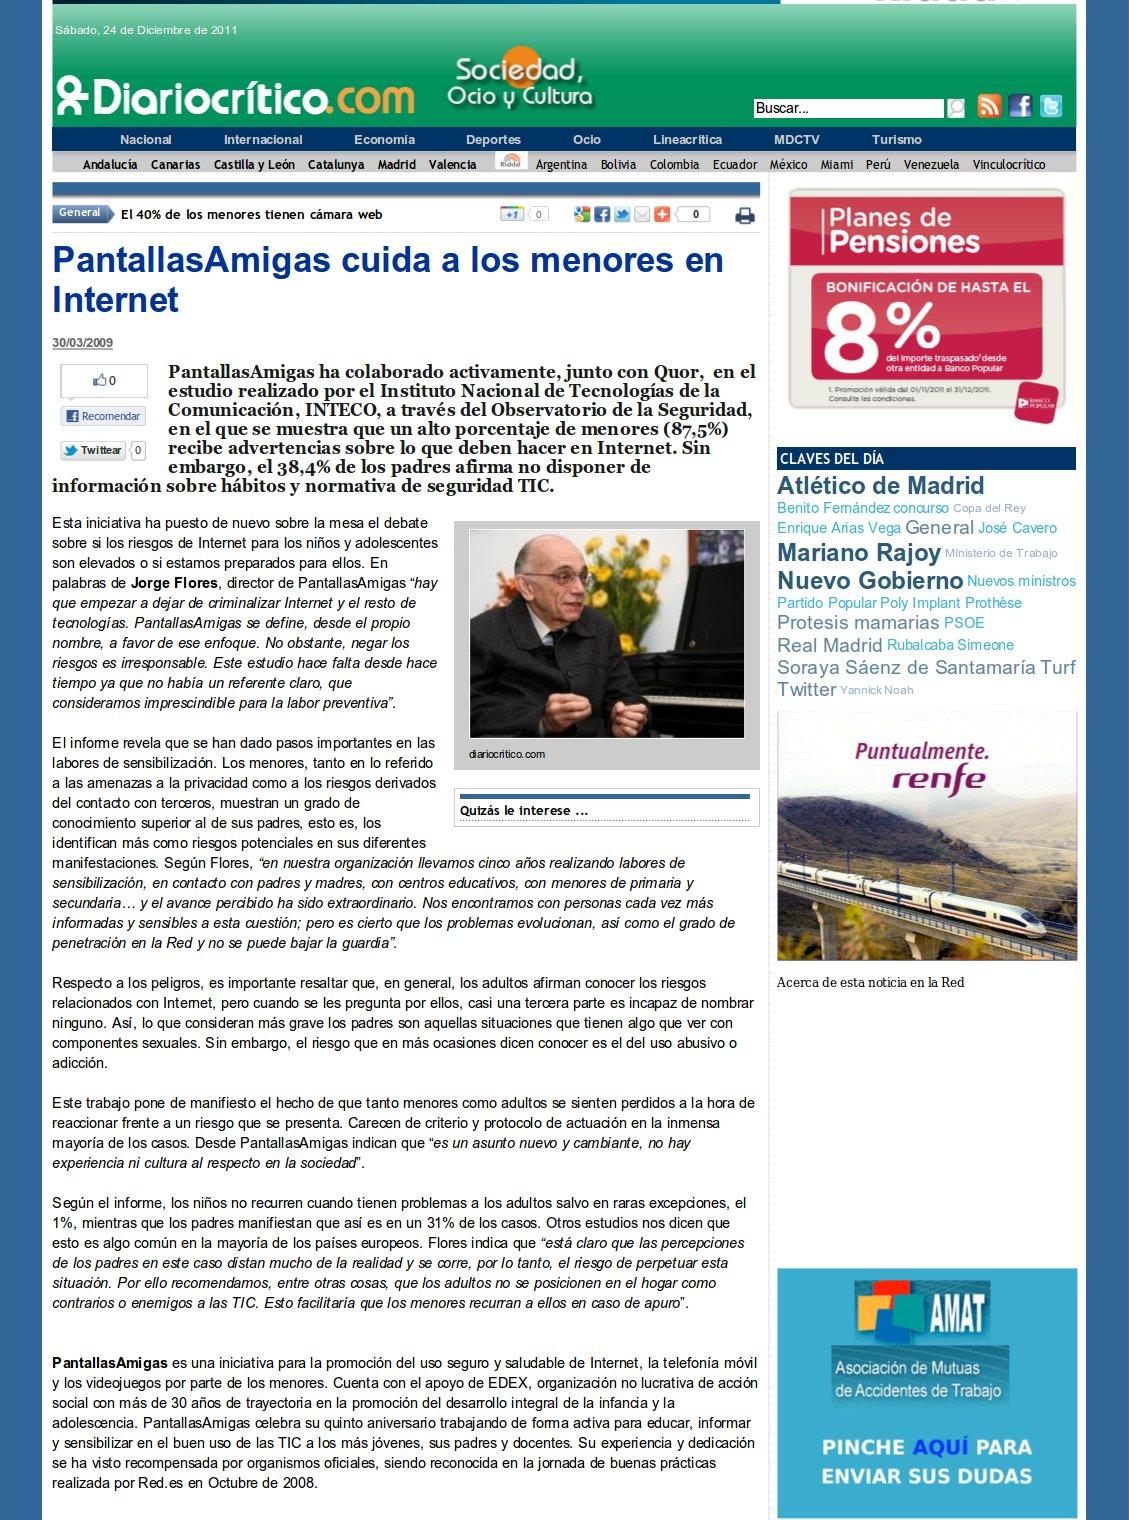 20090330-diariocritico-com-capturado20111224